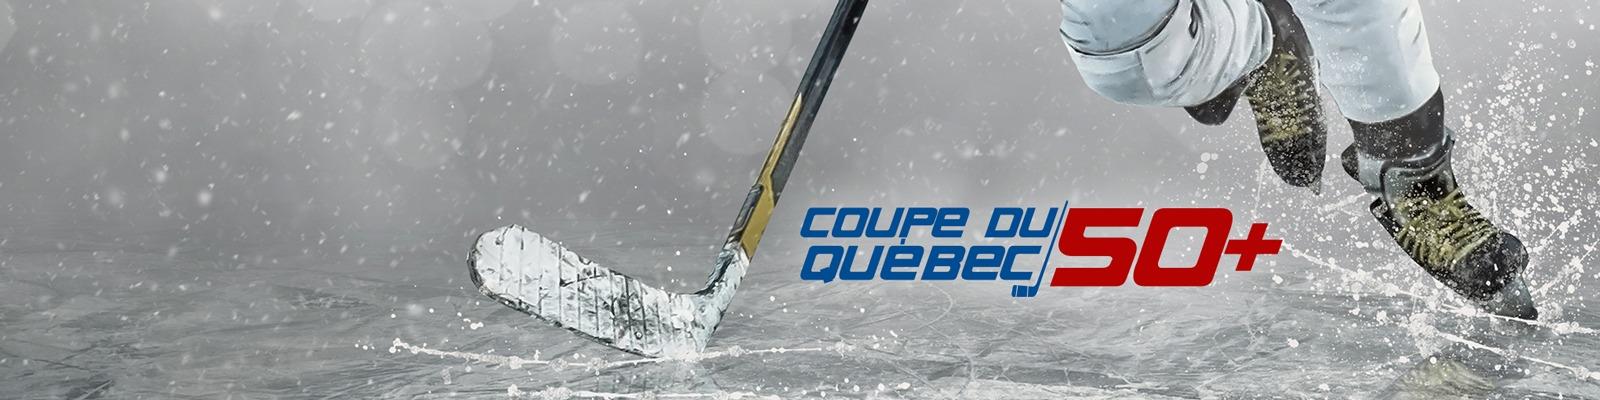 Coupe du Québec 50+ Hockey 2020 Pré Inscription